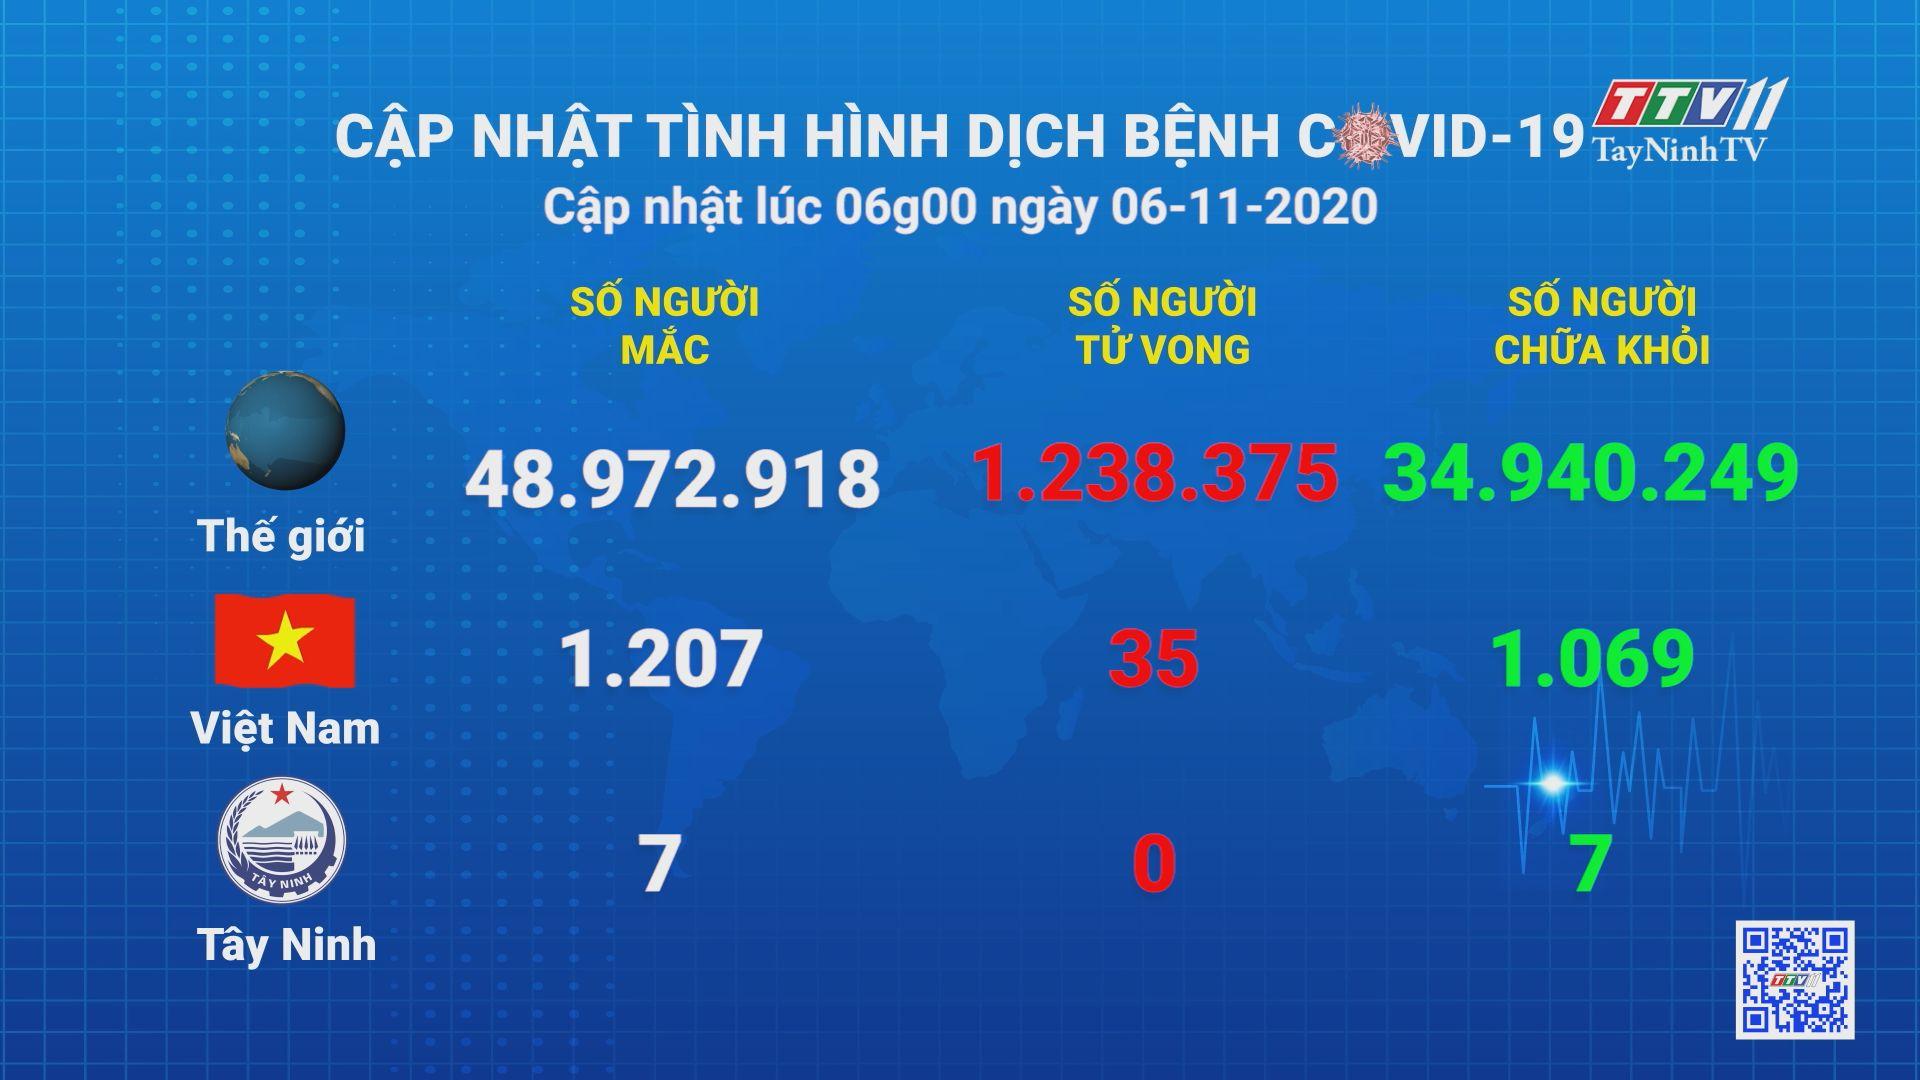 Cập nhật tình hình Covid-19 vào lúc 06 giờ 06-11-2020 | Thông tin dịch Covid-19 | TayNinhTV